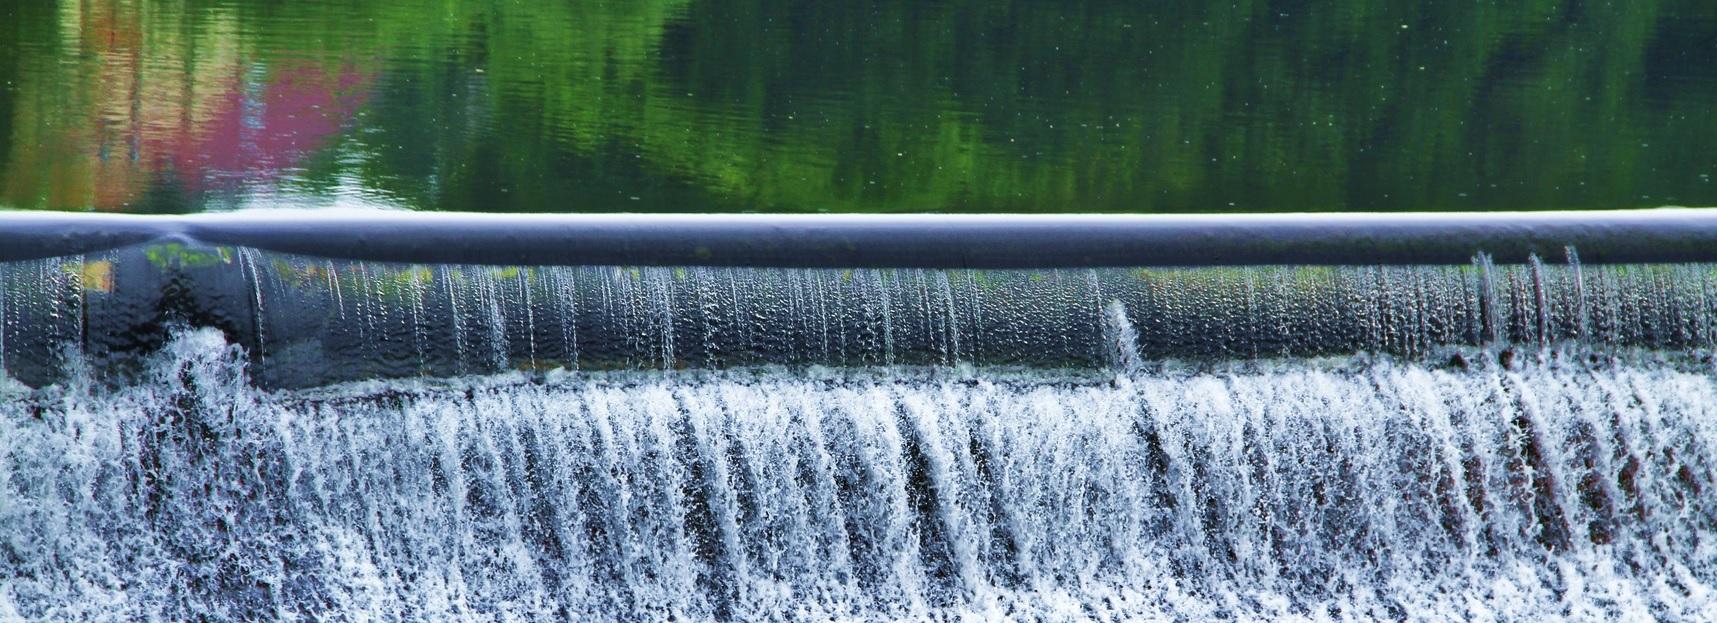 Projekt Wasserverwaltung ewacent